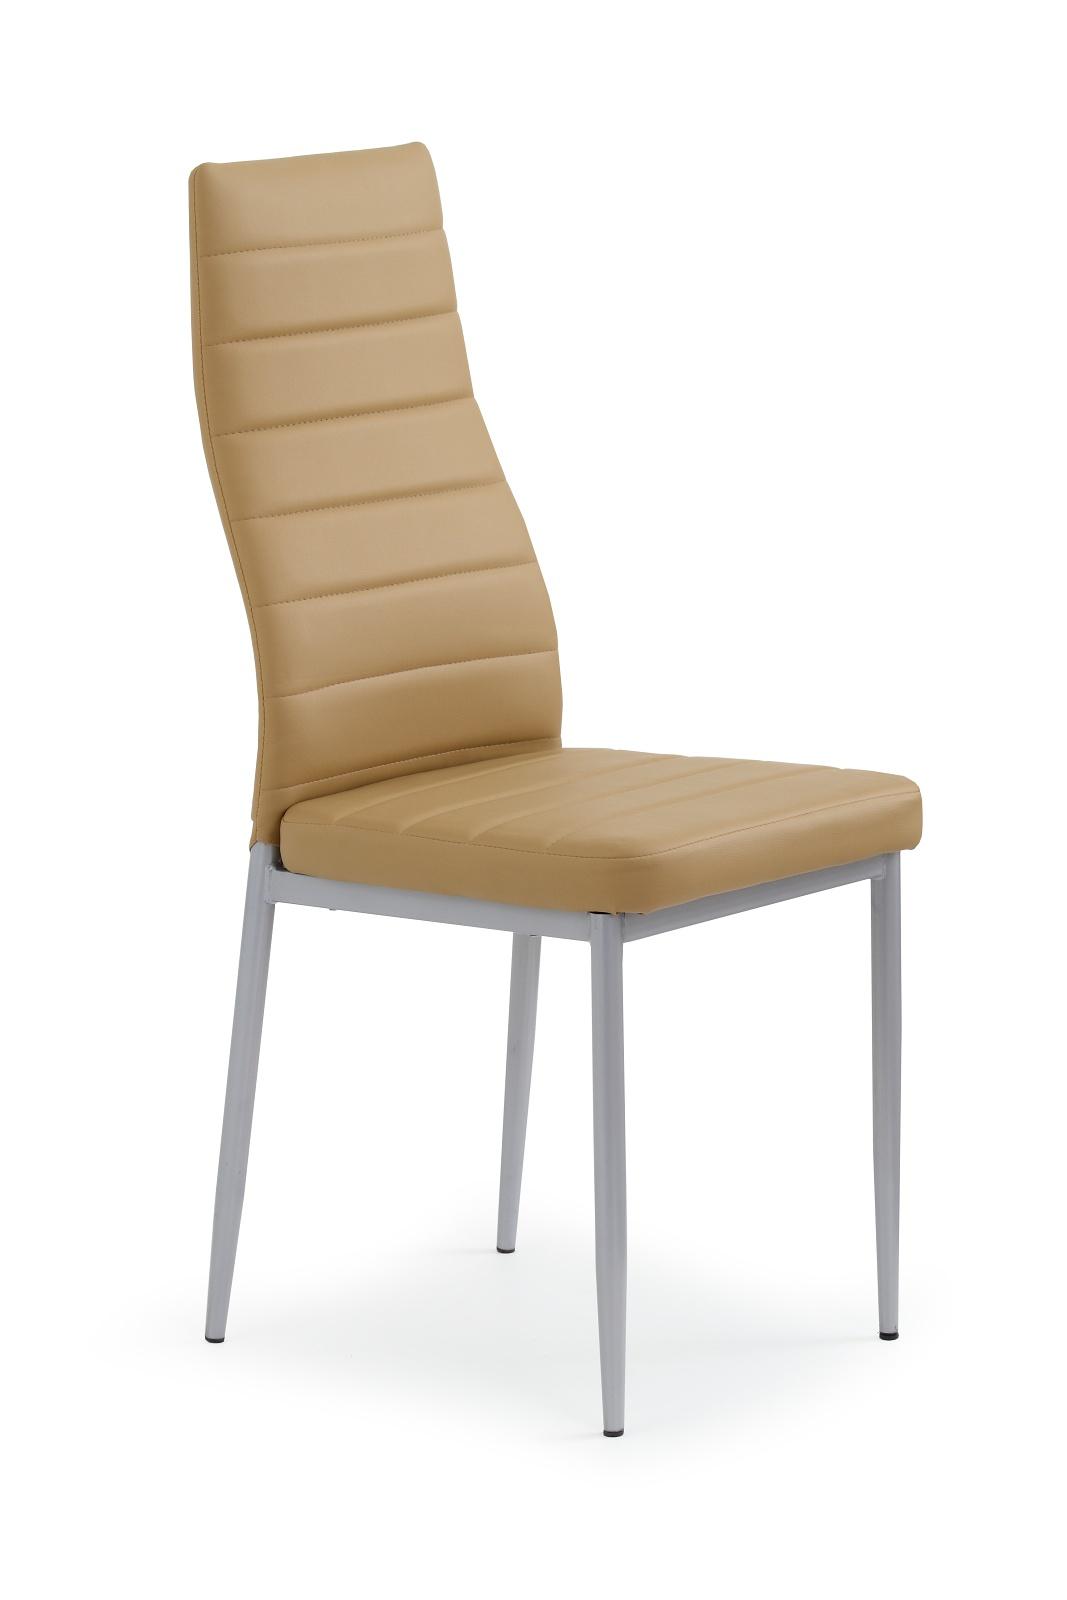 Jedálenská stolička - Halmar - K70 svetlohnedá